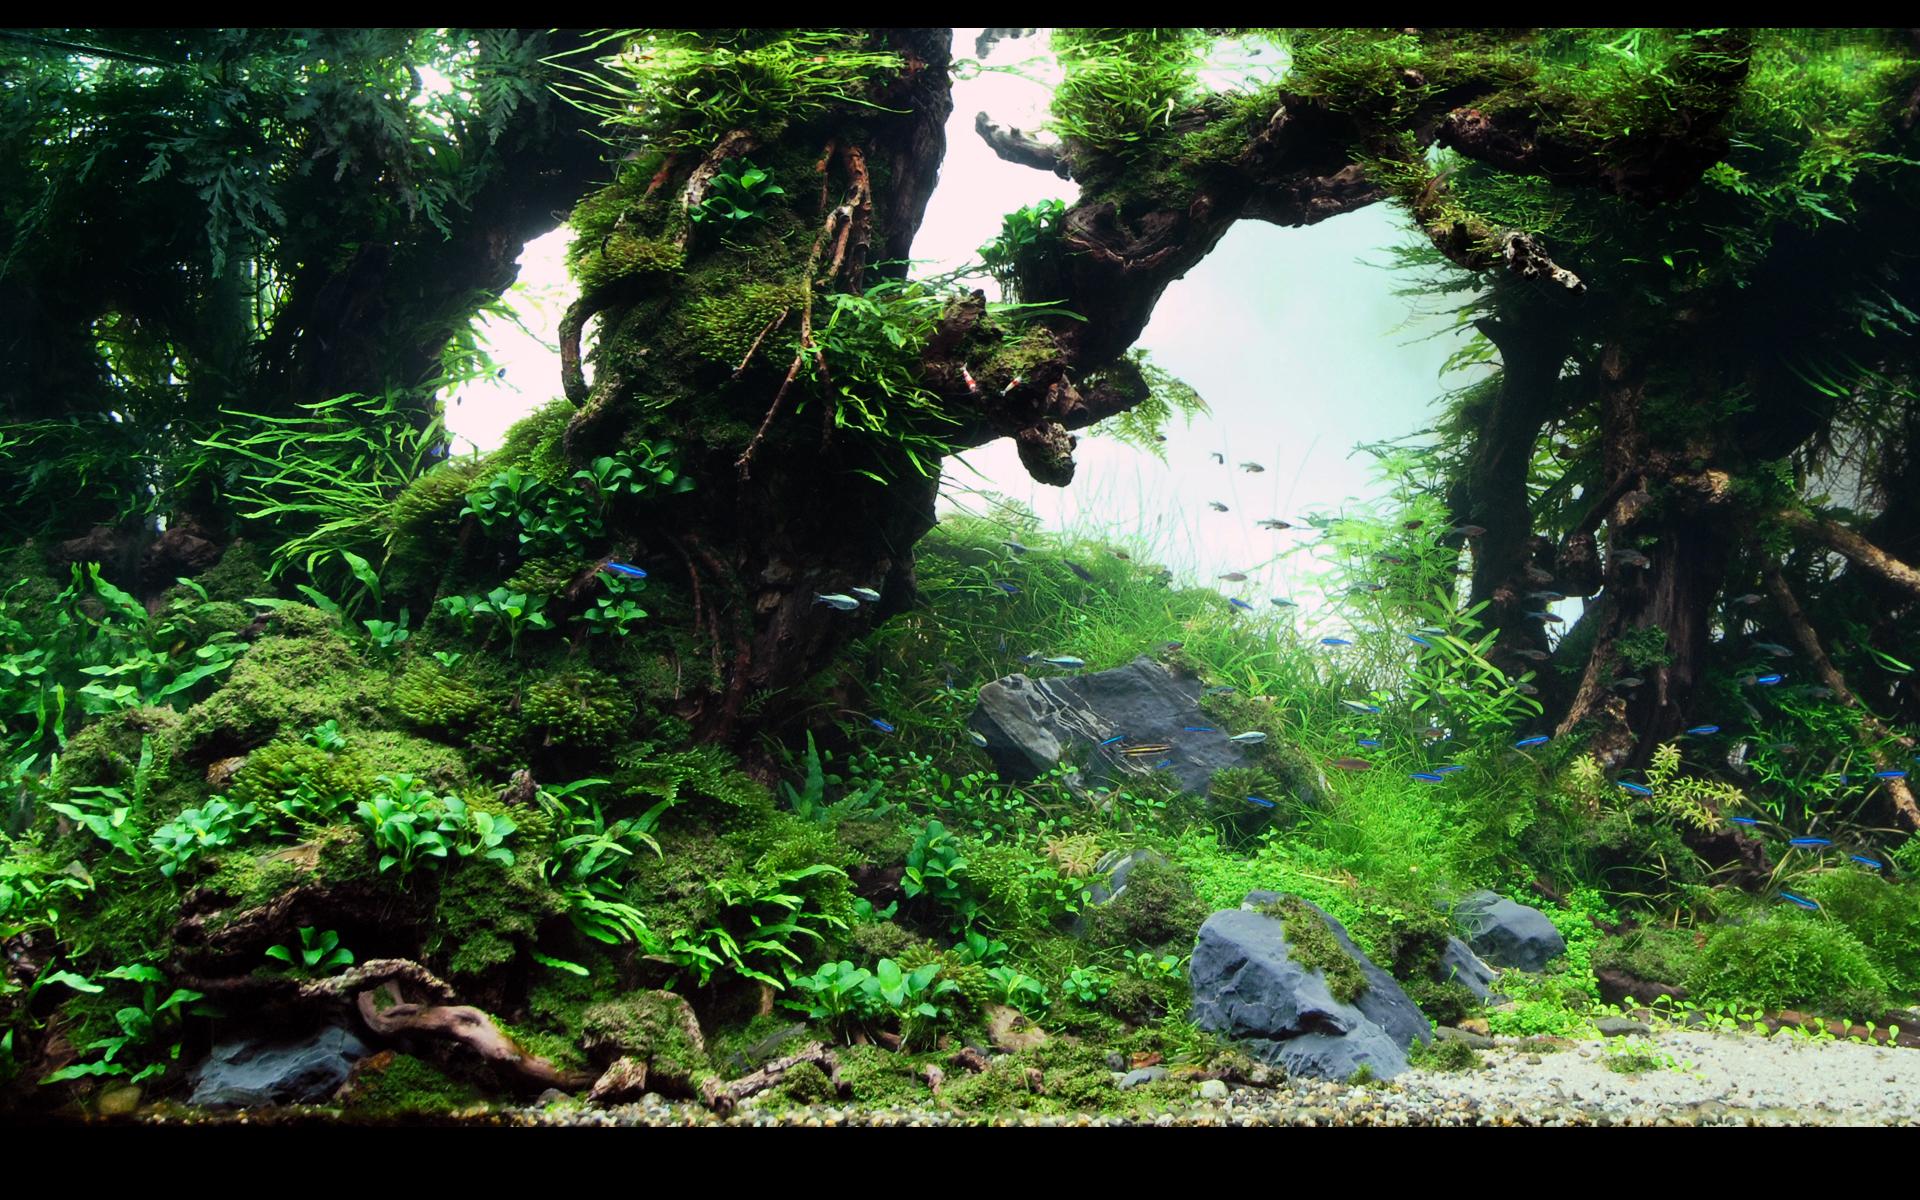 Fish in aquarium desktop wallpaper - Fish Aquarium Desktop Background